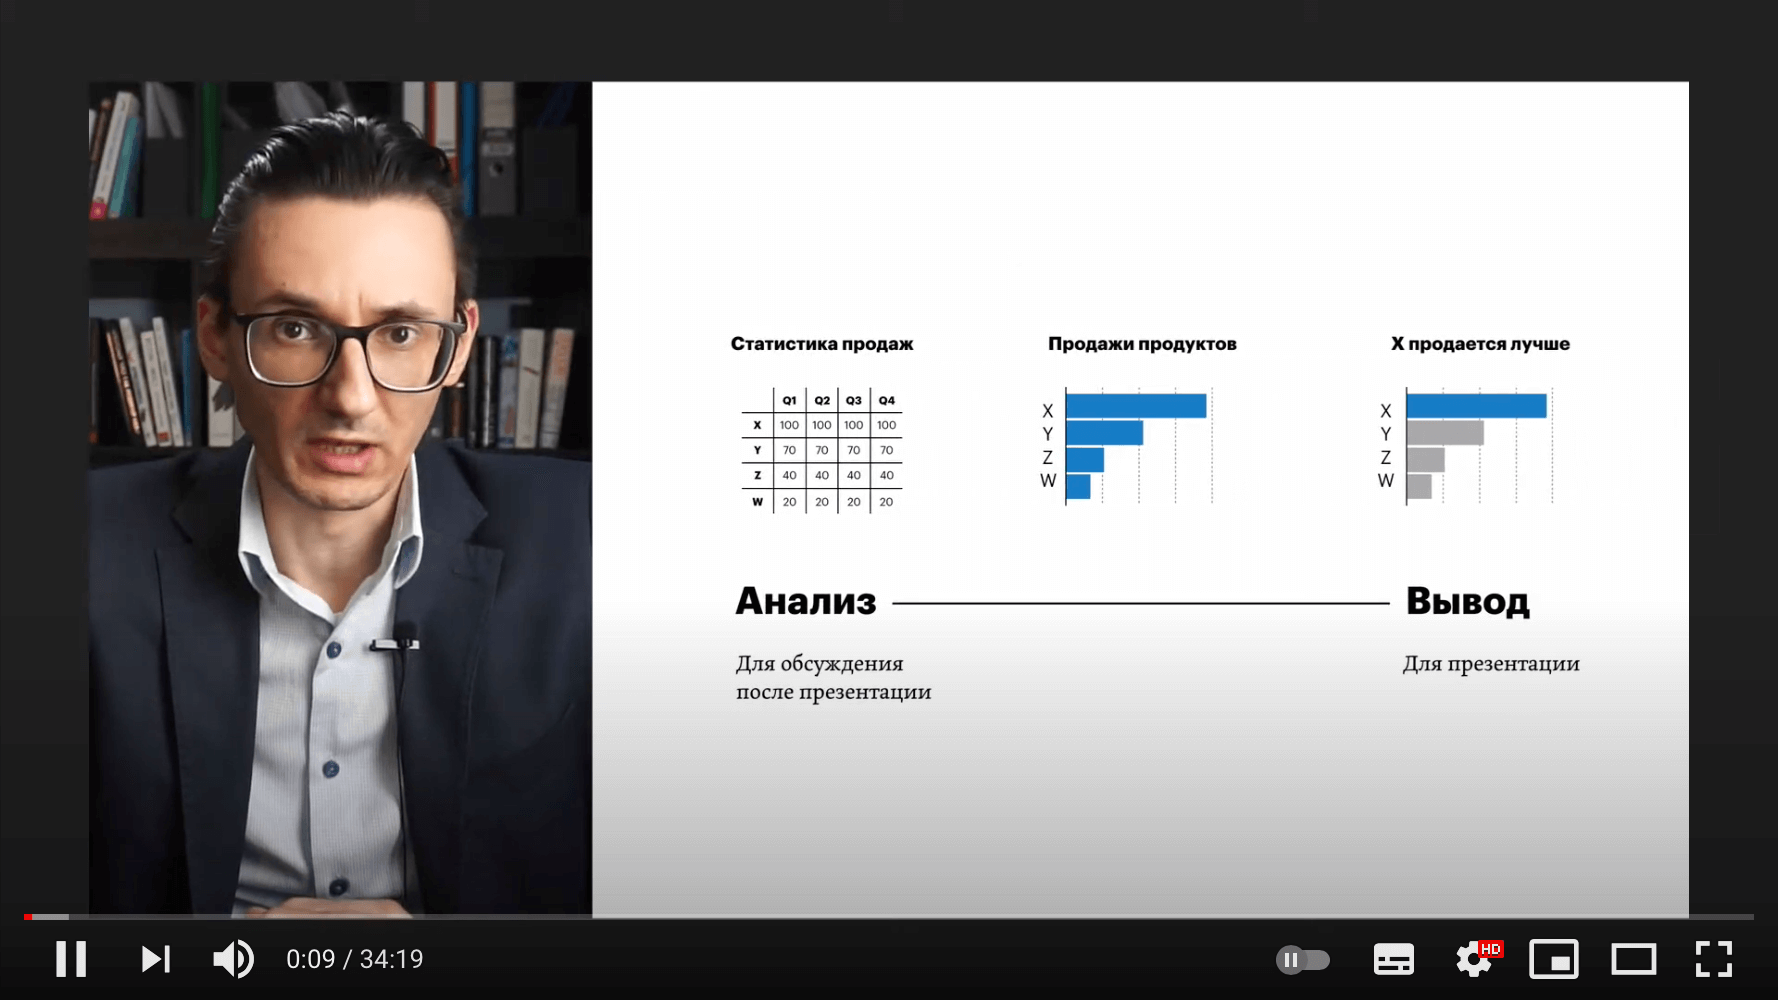 Визуализация данных для презентаций